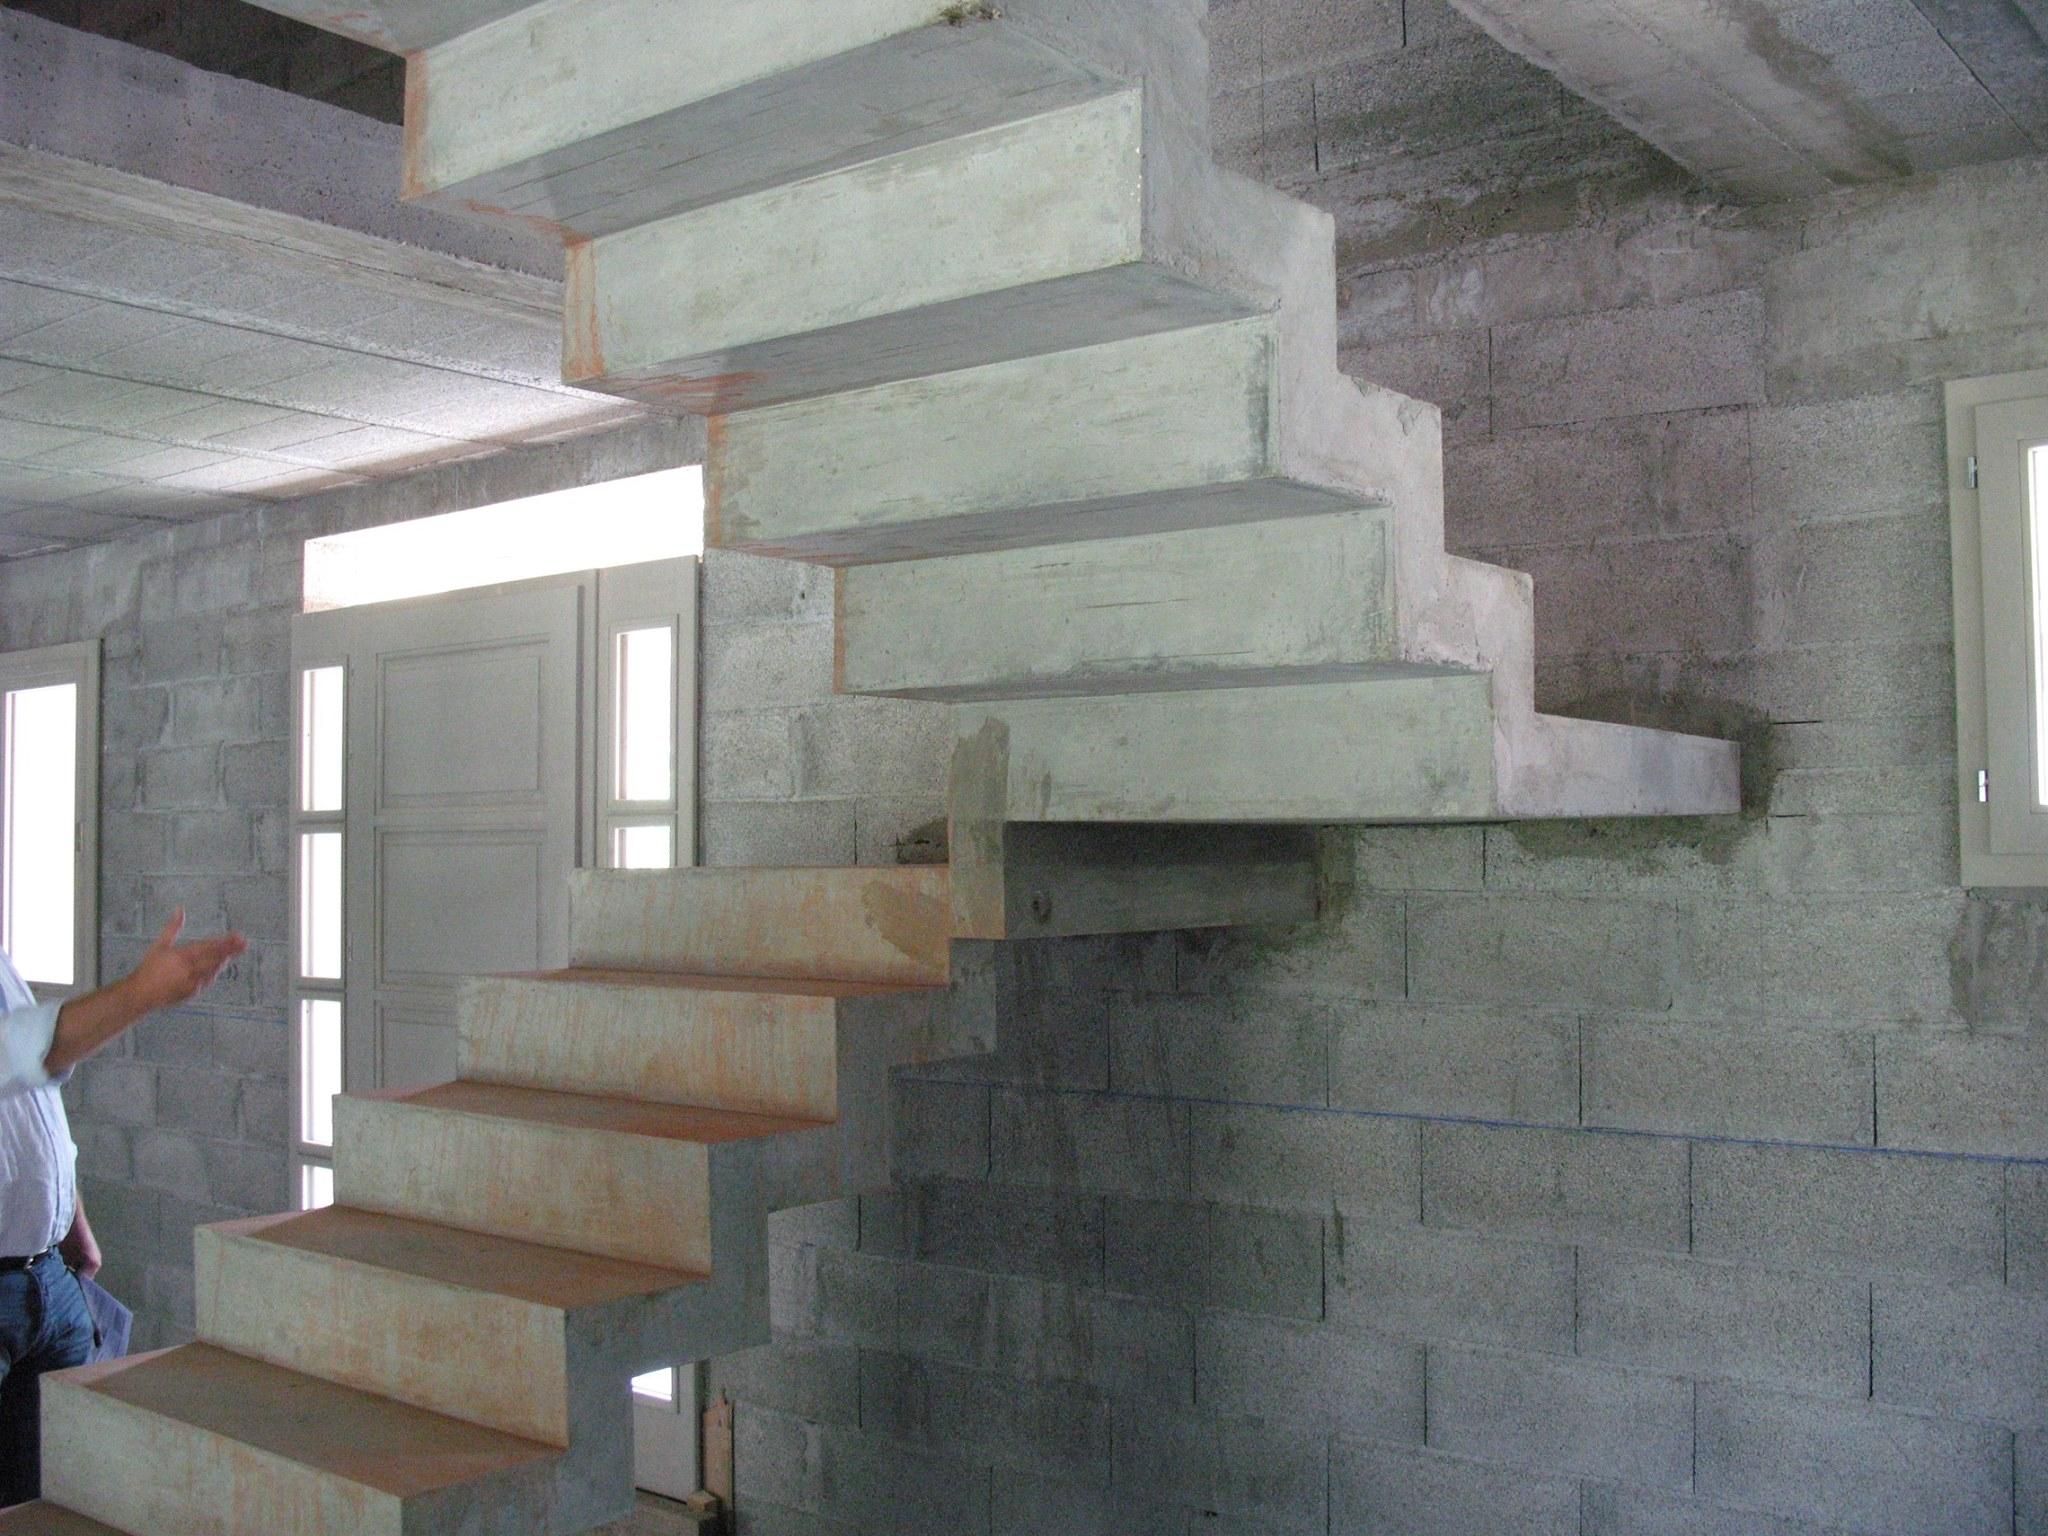 pose de beton cire a annecy entreprise de pose de beton. Black Bedroom Furniture Sets. Home Design Ideas